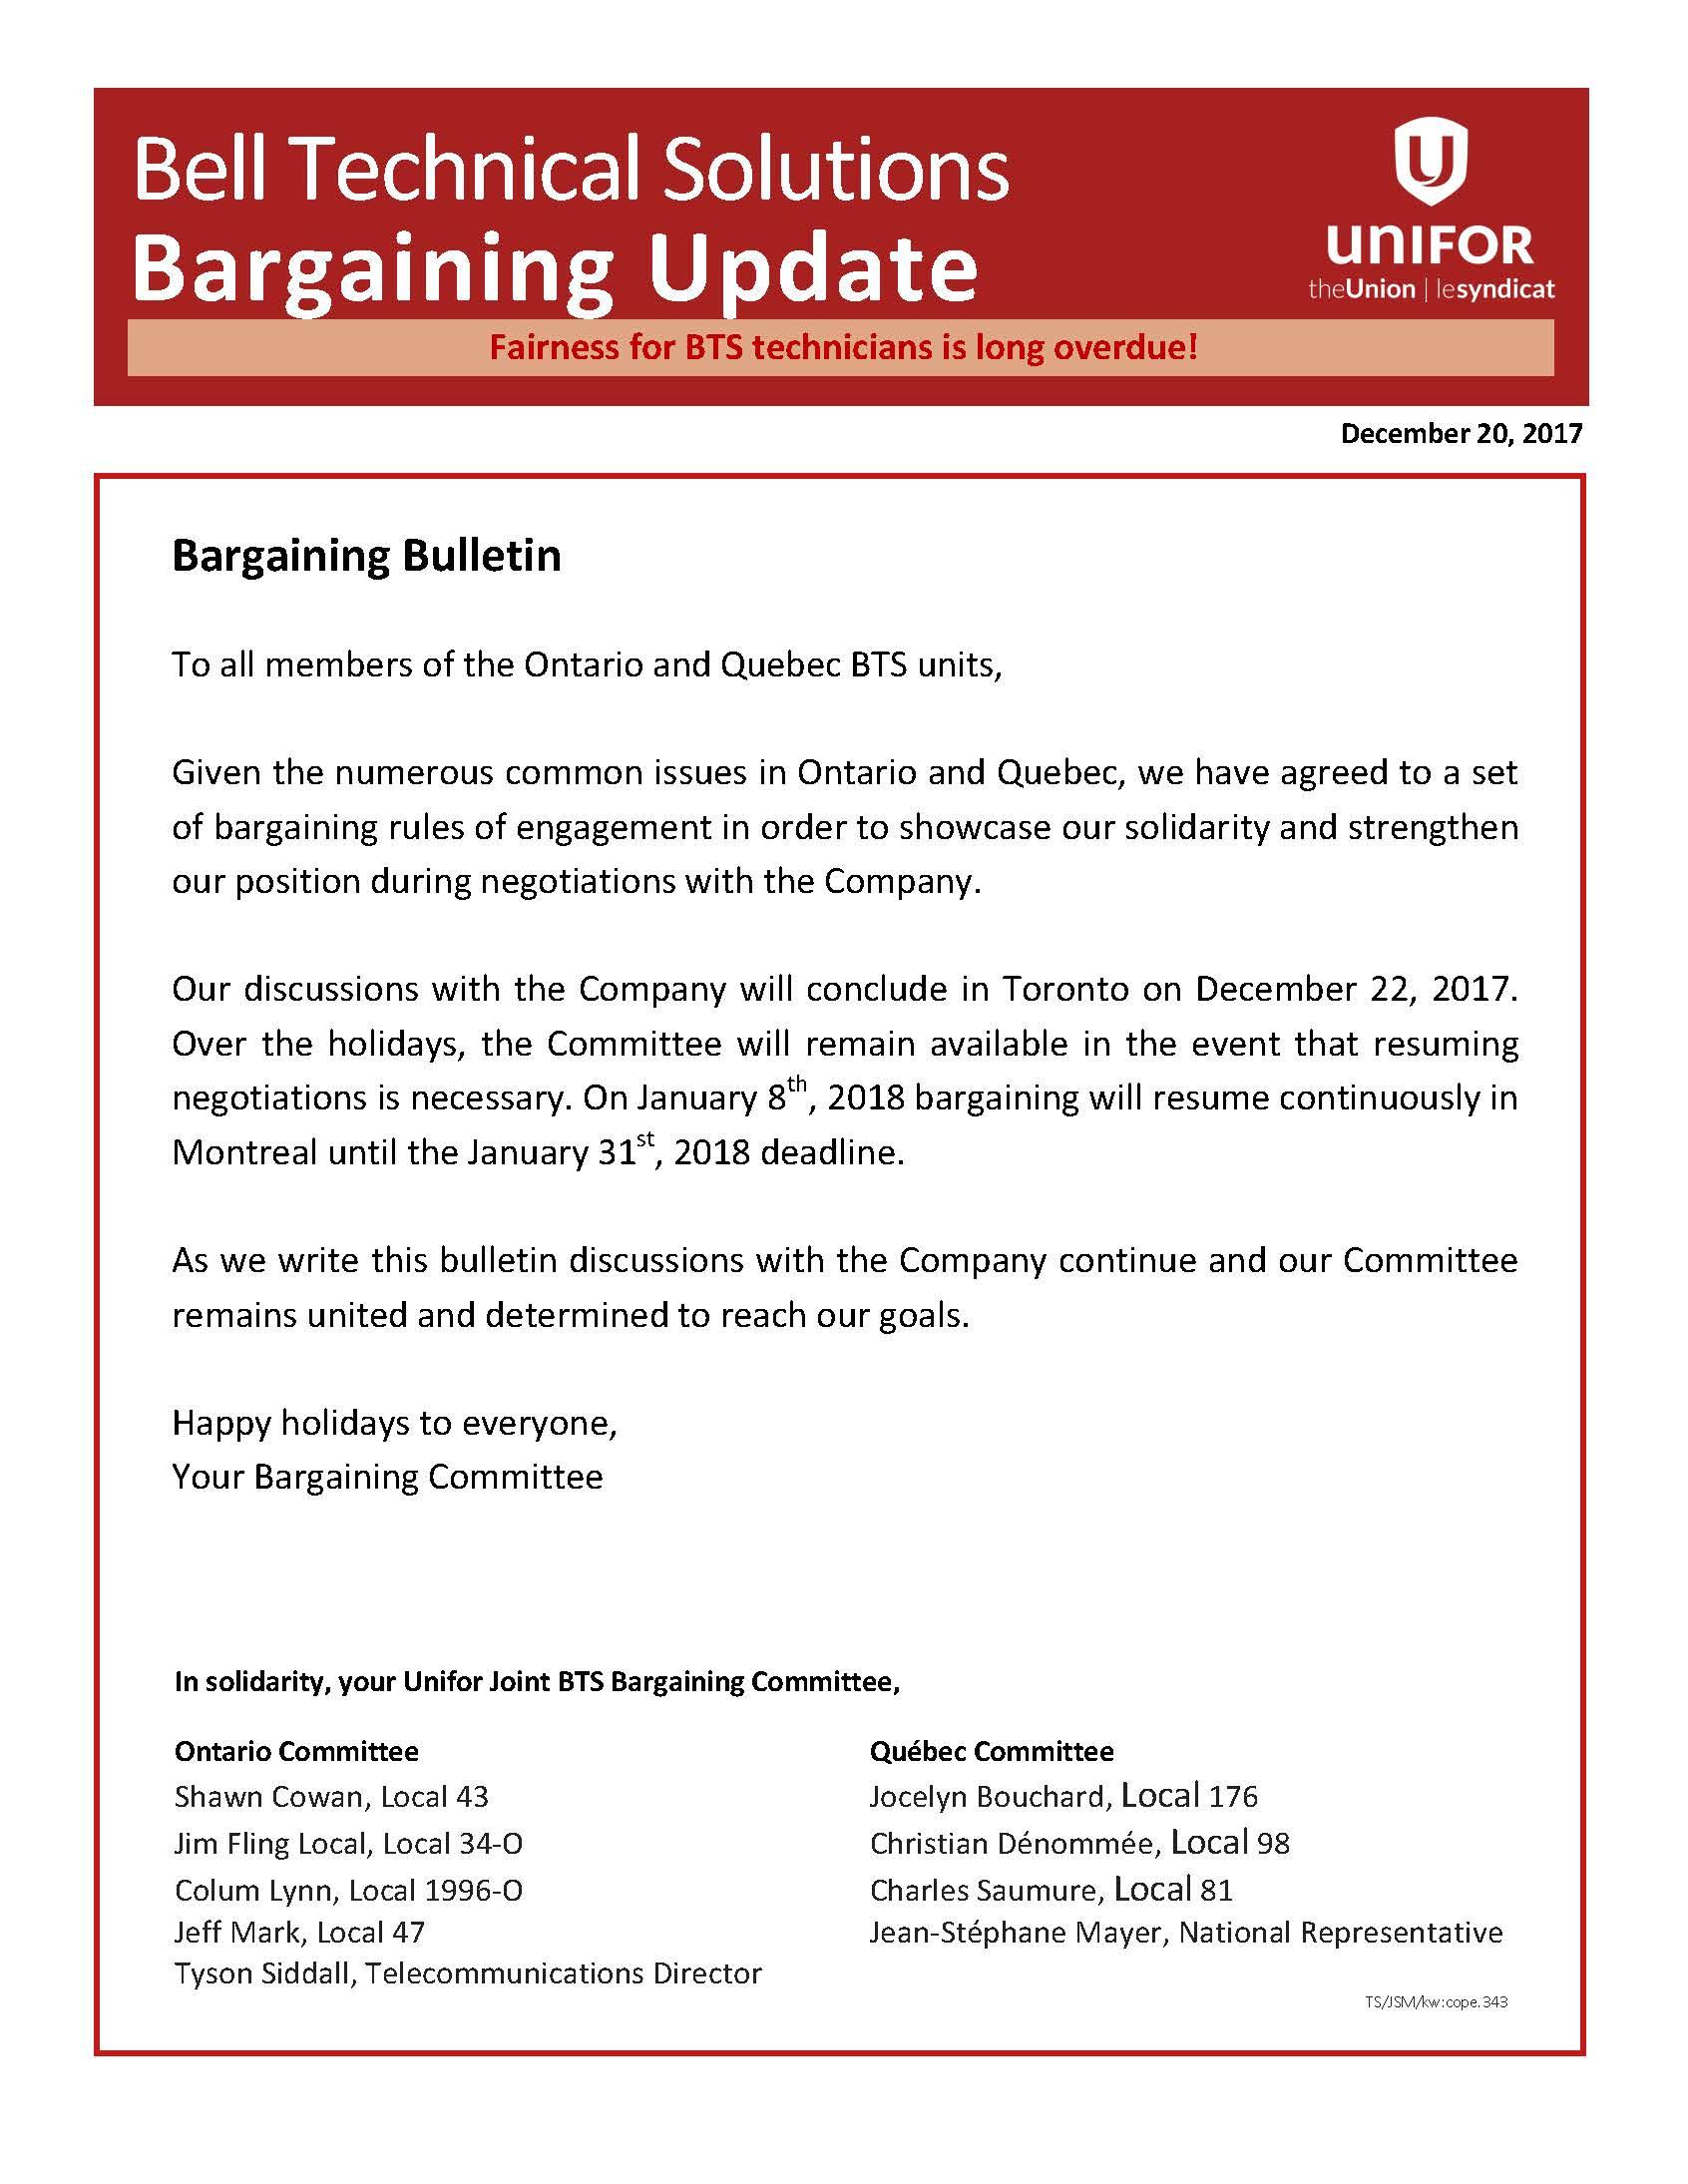 BTS - Bargaining Update Dec 20, 2018.jpg